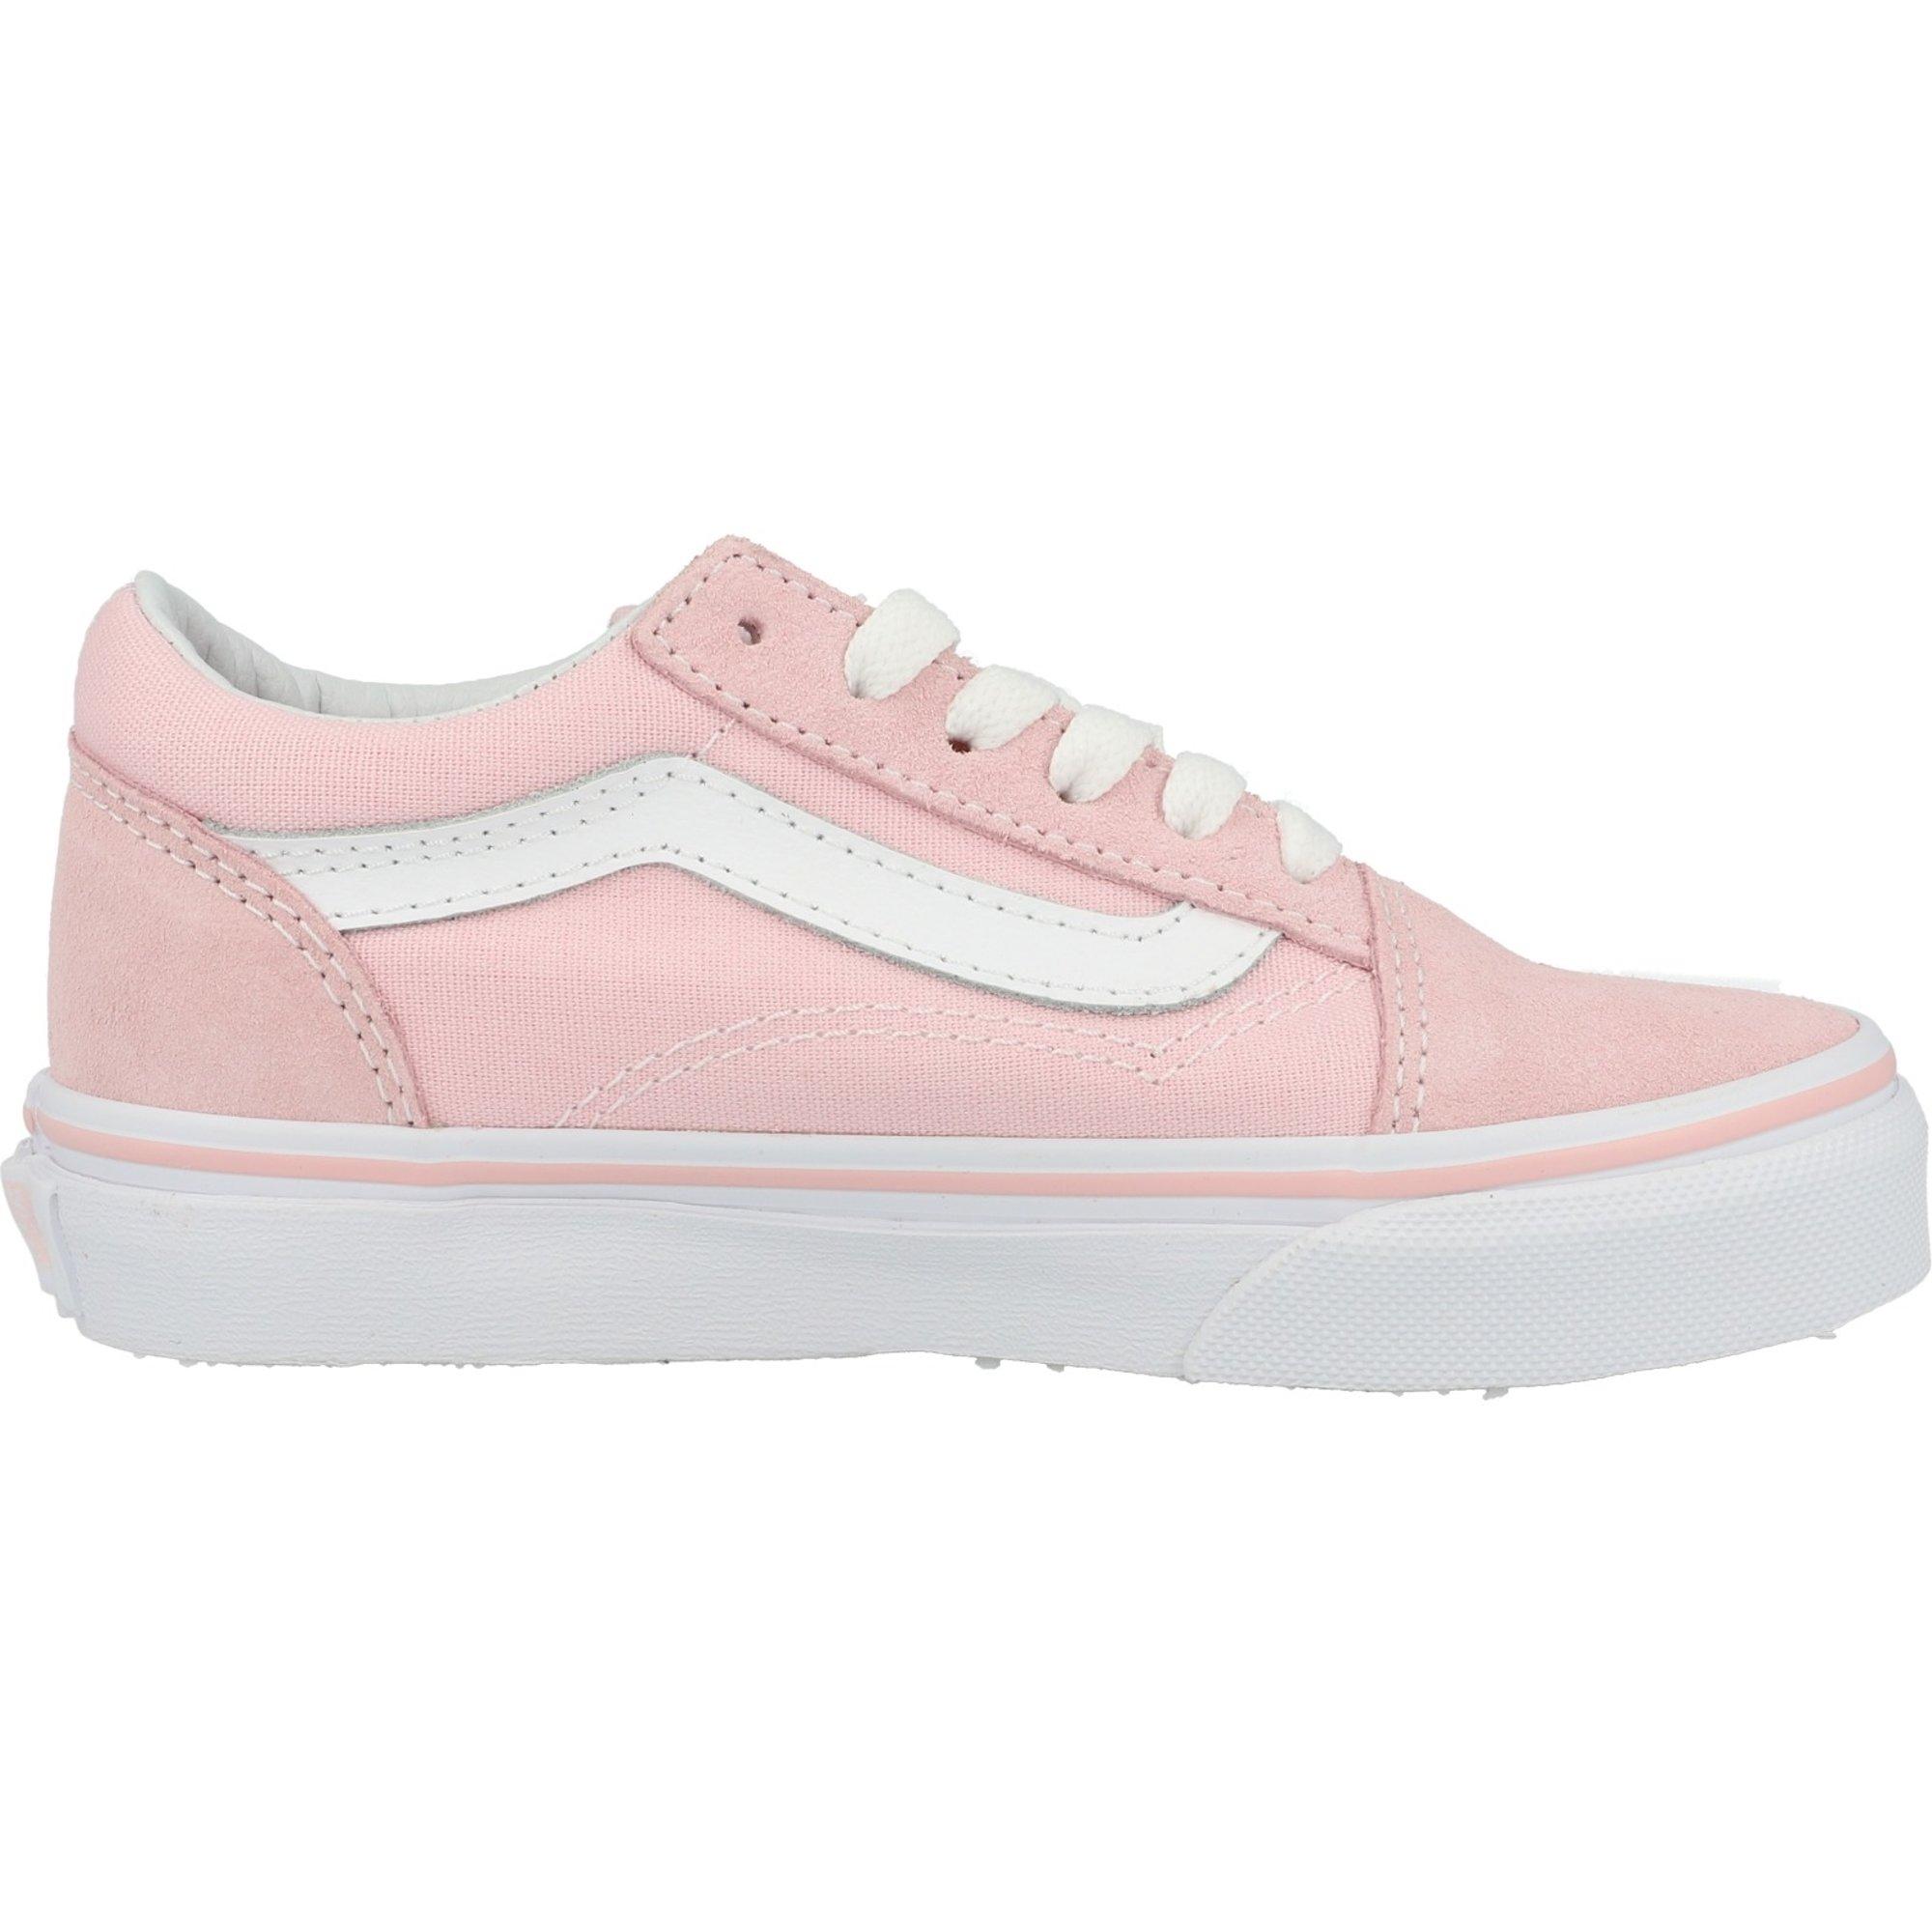 Vans UY Old Skool Chalk Pink Suede